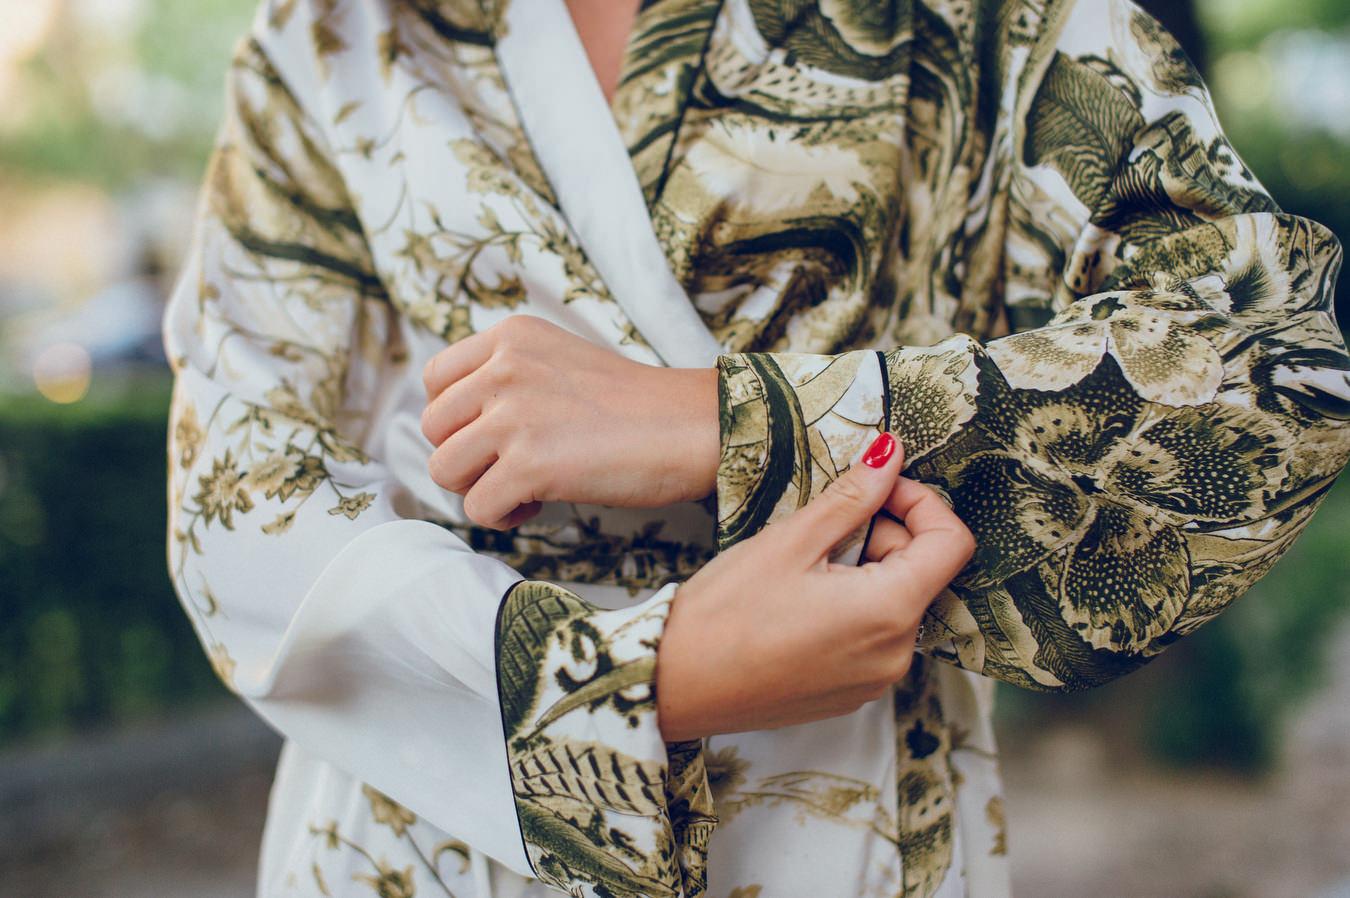 calista-one-lista-de-bodas-online-blog-de-bodas-bossanova-looks-invitadas-adriana-kimono-2